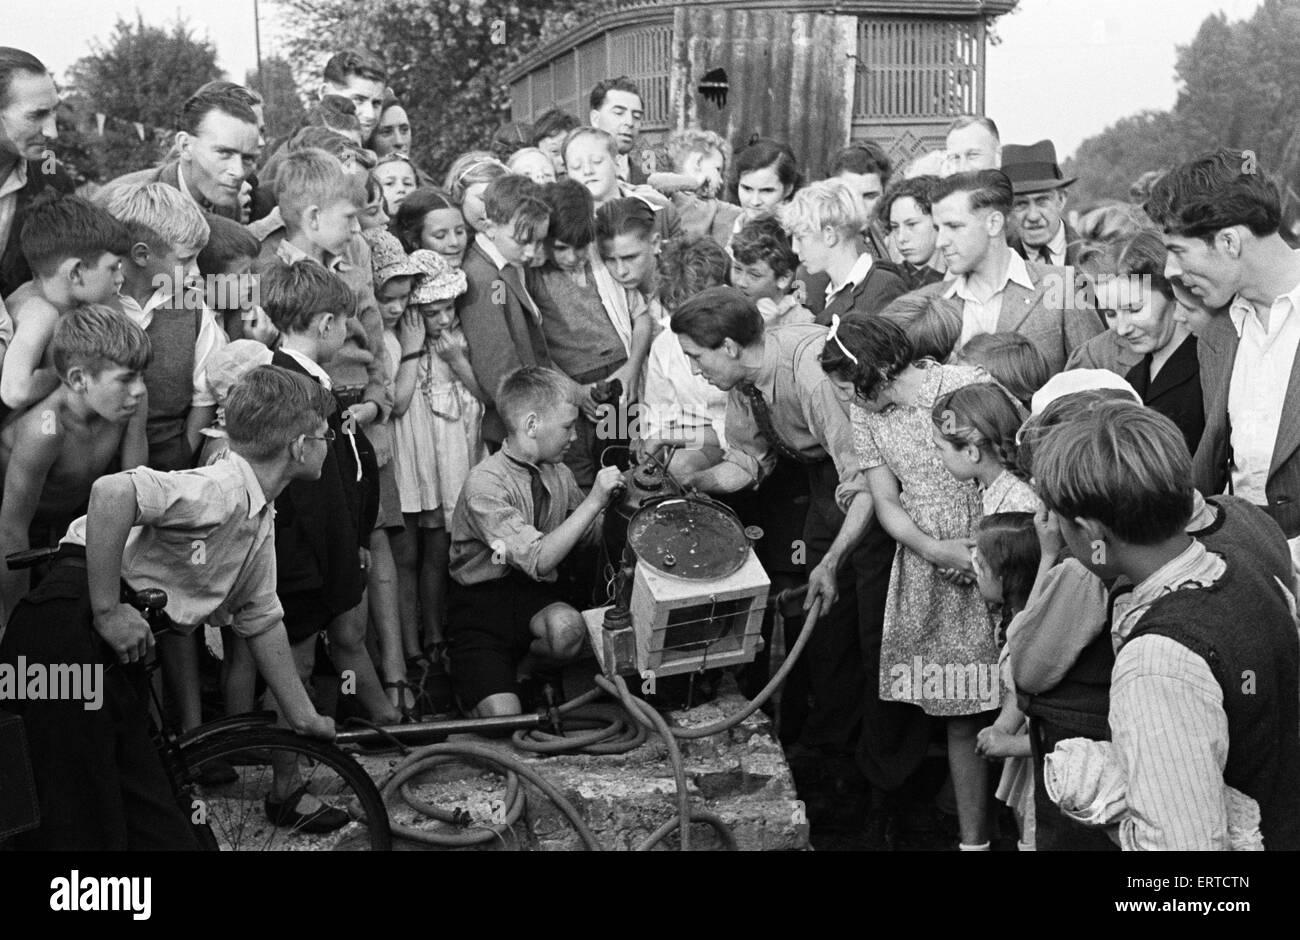 Test fuori casa fatta di attrezzature subacquee, con la folla a guardare. Wiltshire. Circa 1945. Immagini Stock